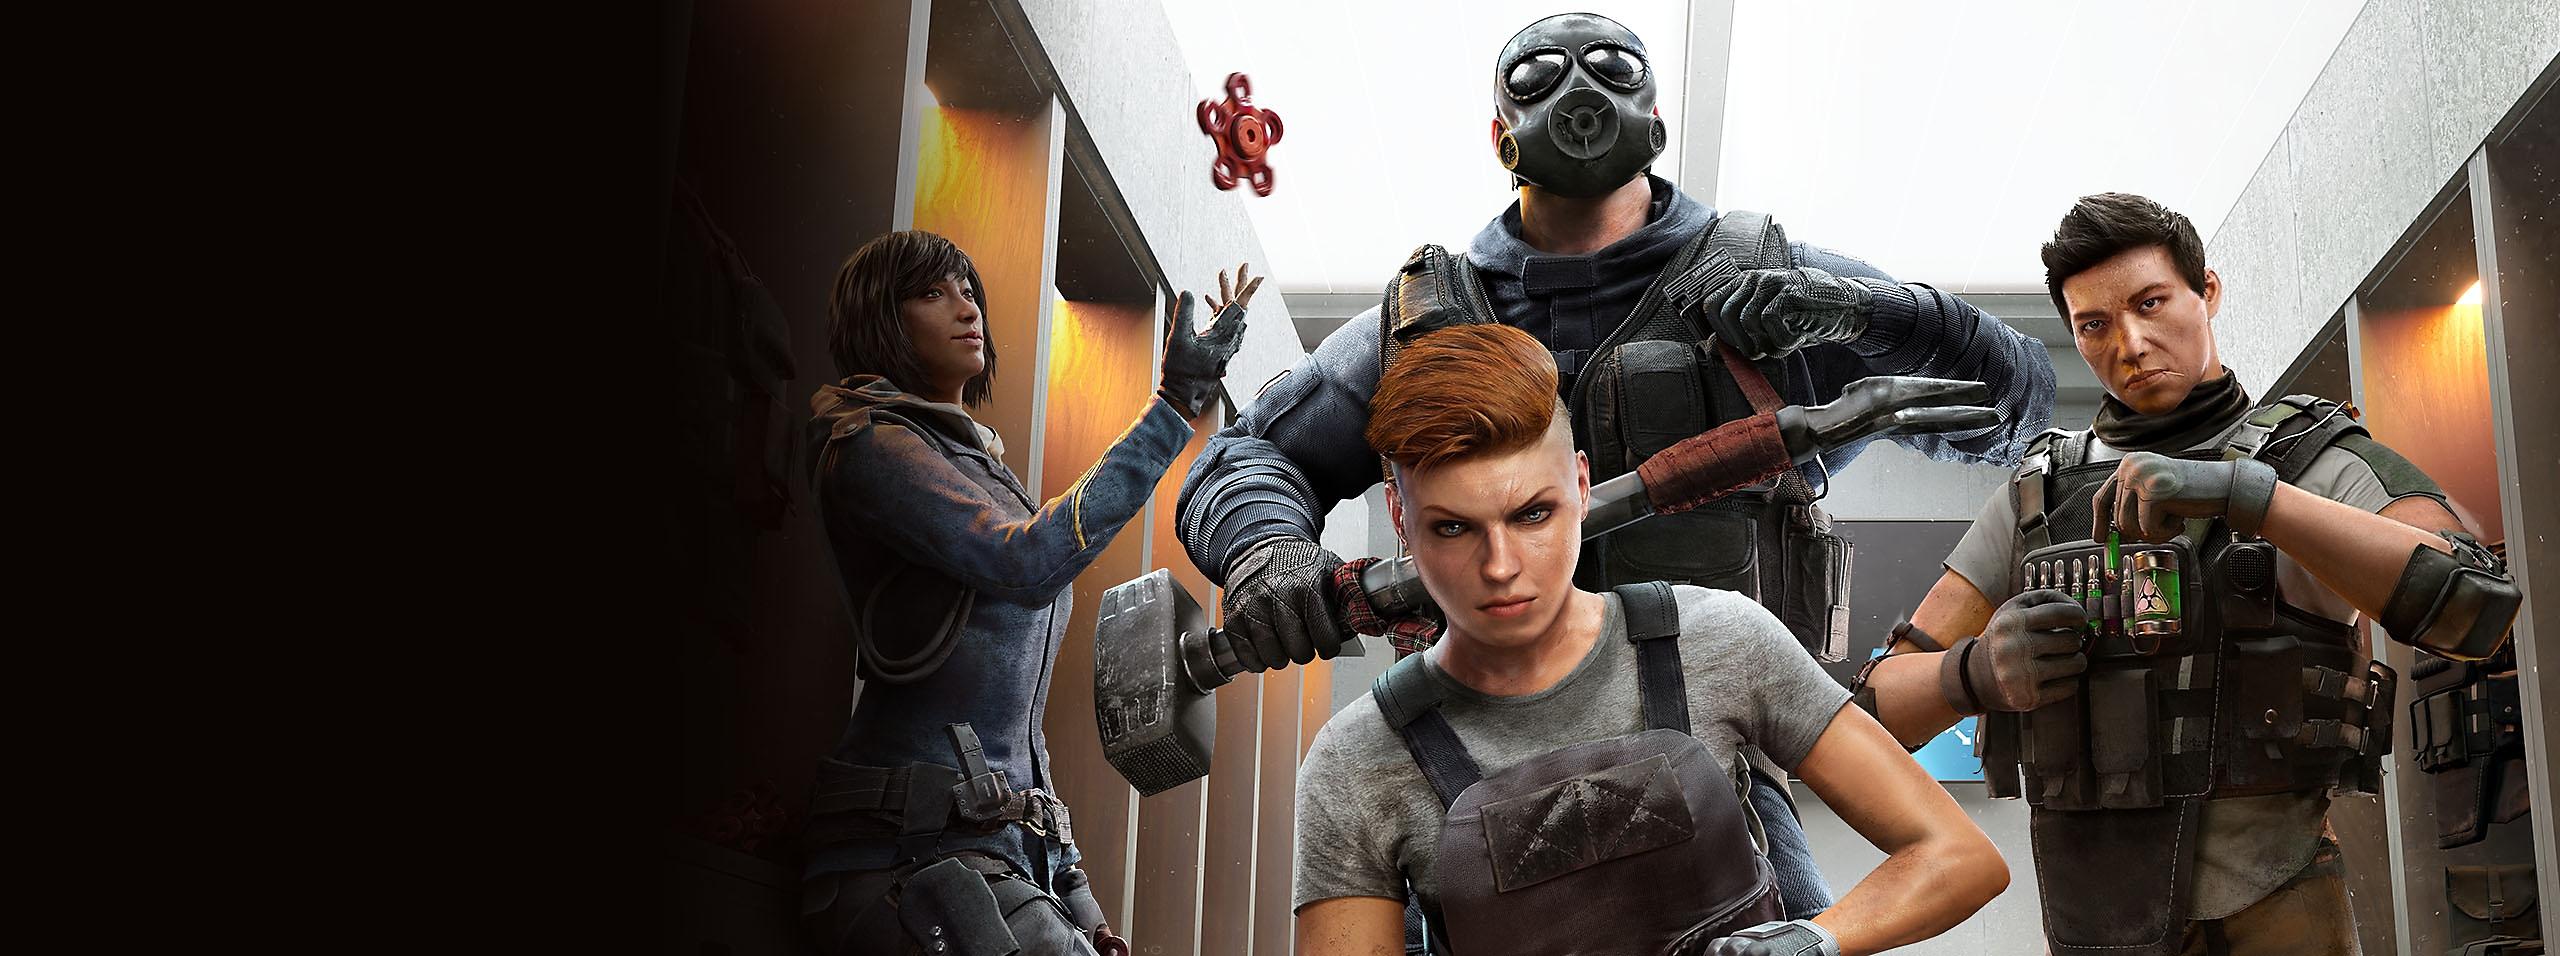 Ilustración promocional de Rainbow Six Siege